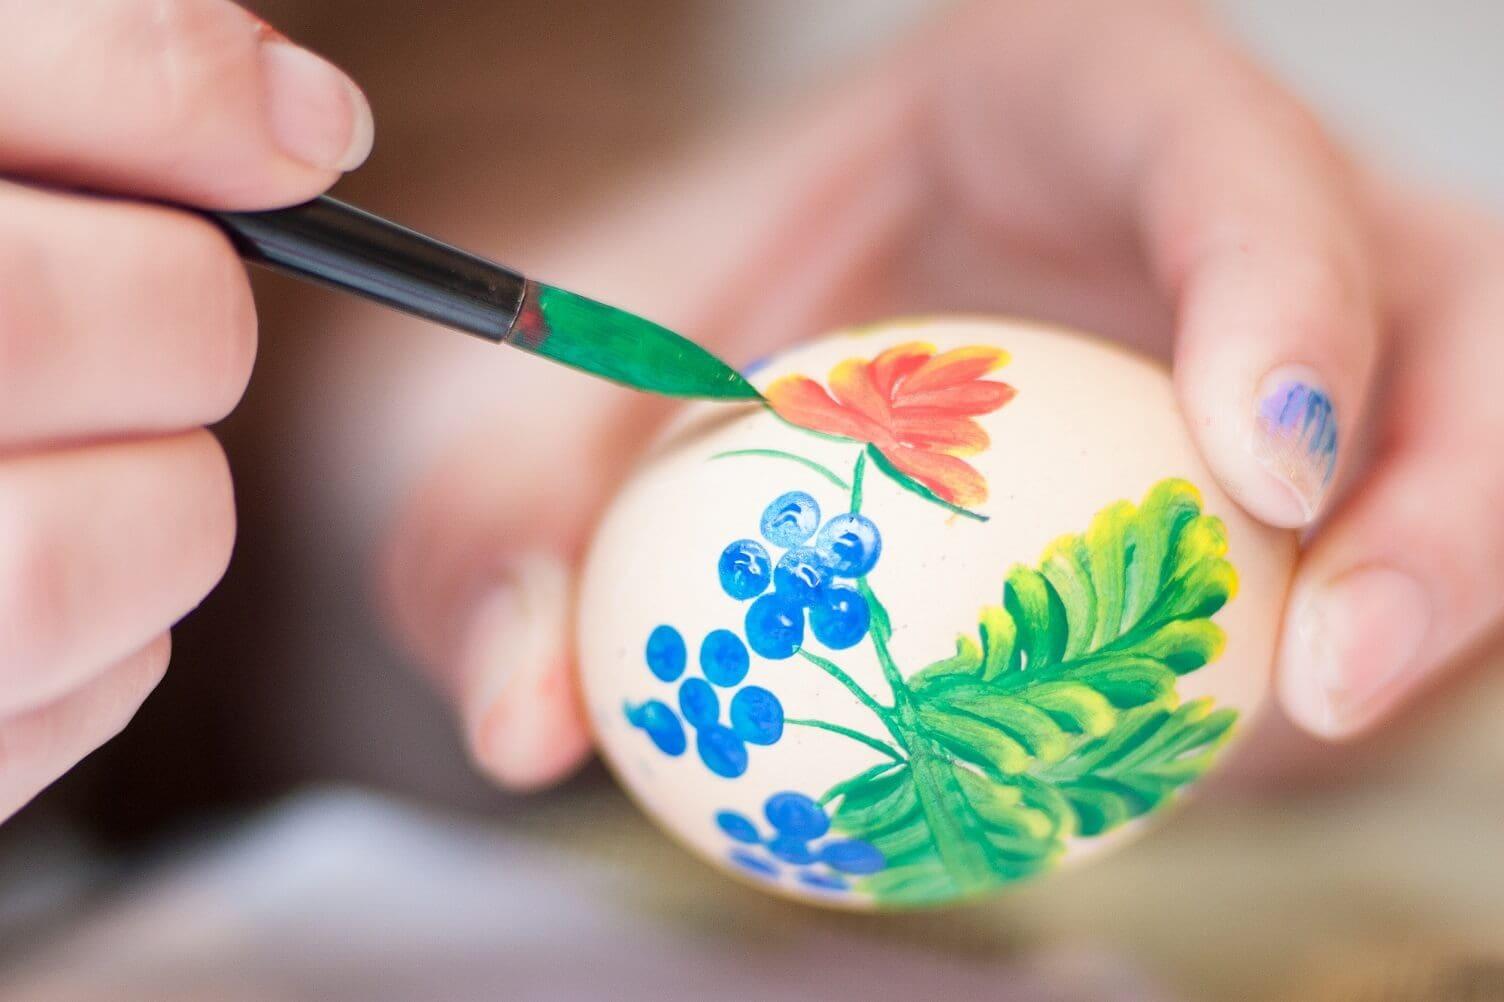 Мастер-класс по росписи яиц в 27qm - Tarana's Gallery and Café